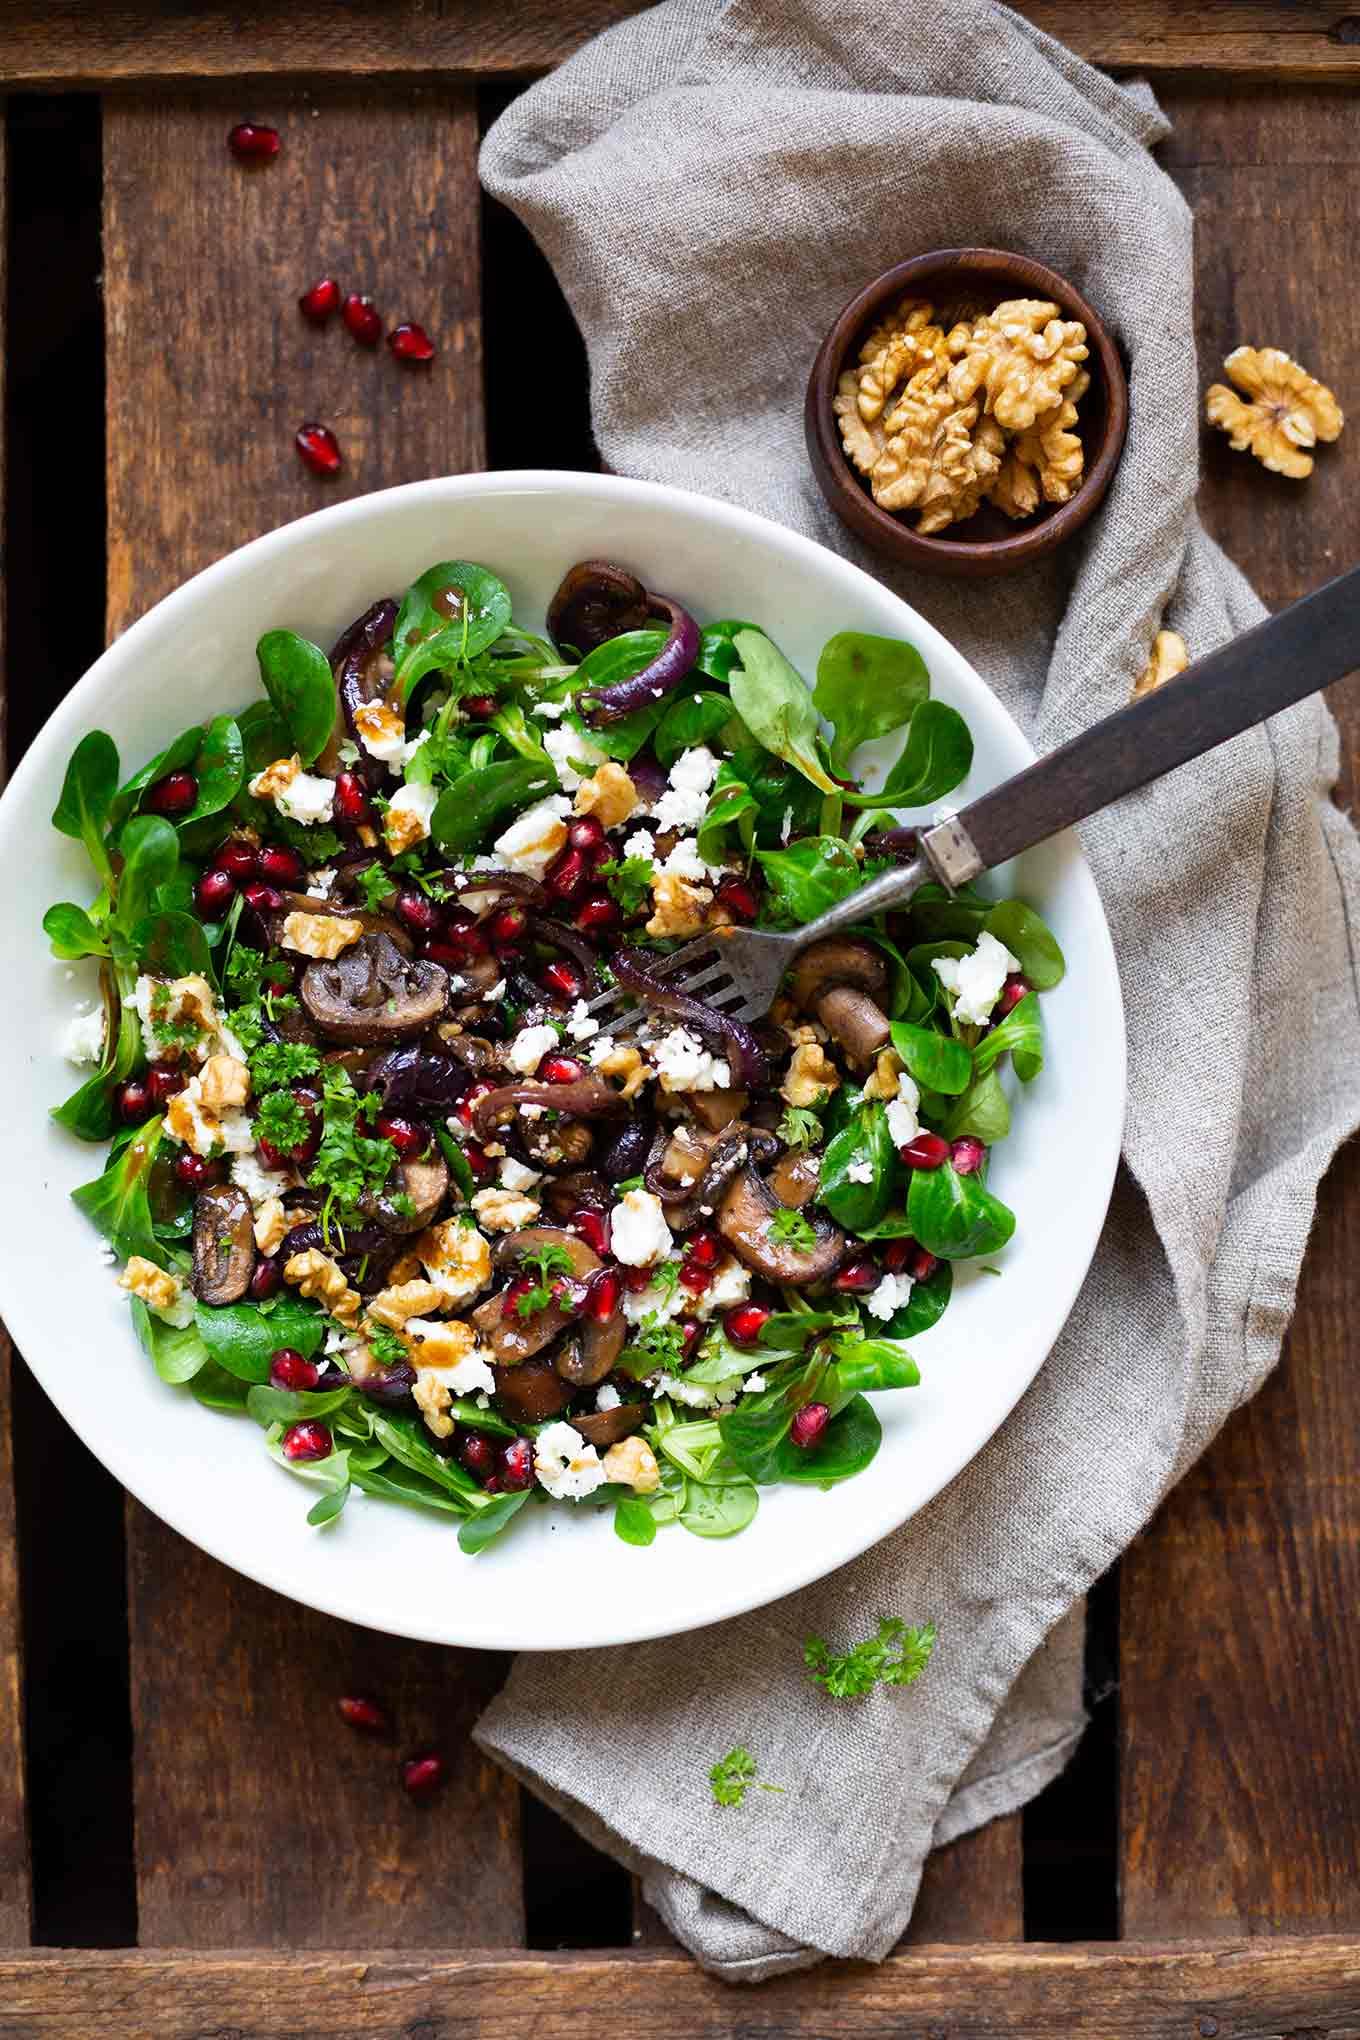 Feldsalat mit gebratenen Pilzen, Granatapfel, Feta und Walnüssen. Dieses schnelle Low Carb Rezept ist gesund und lecker! - Kochkarussell.com #salat #rezept #gesund